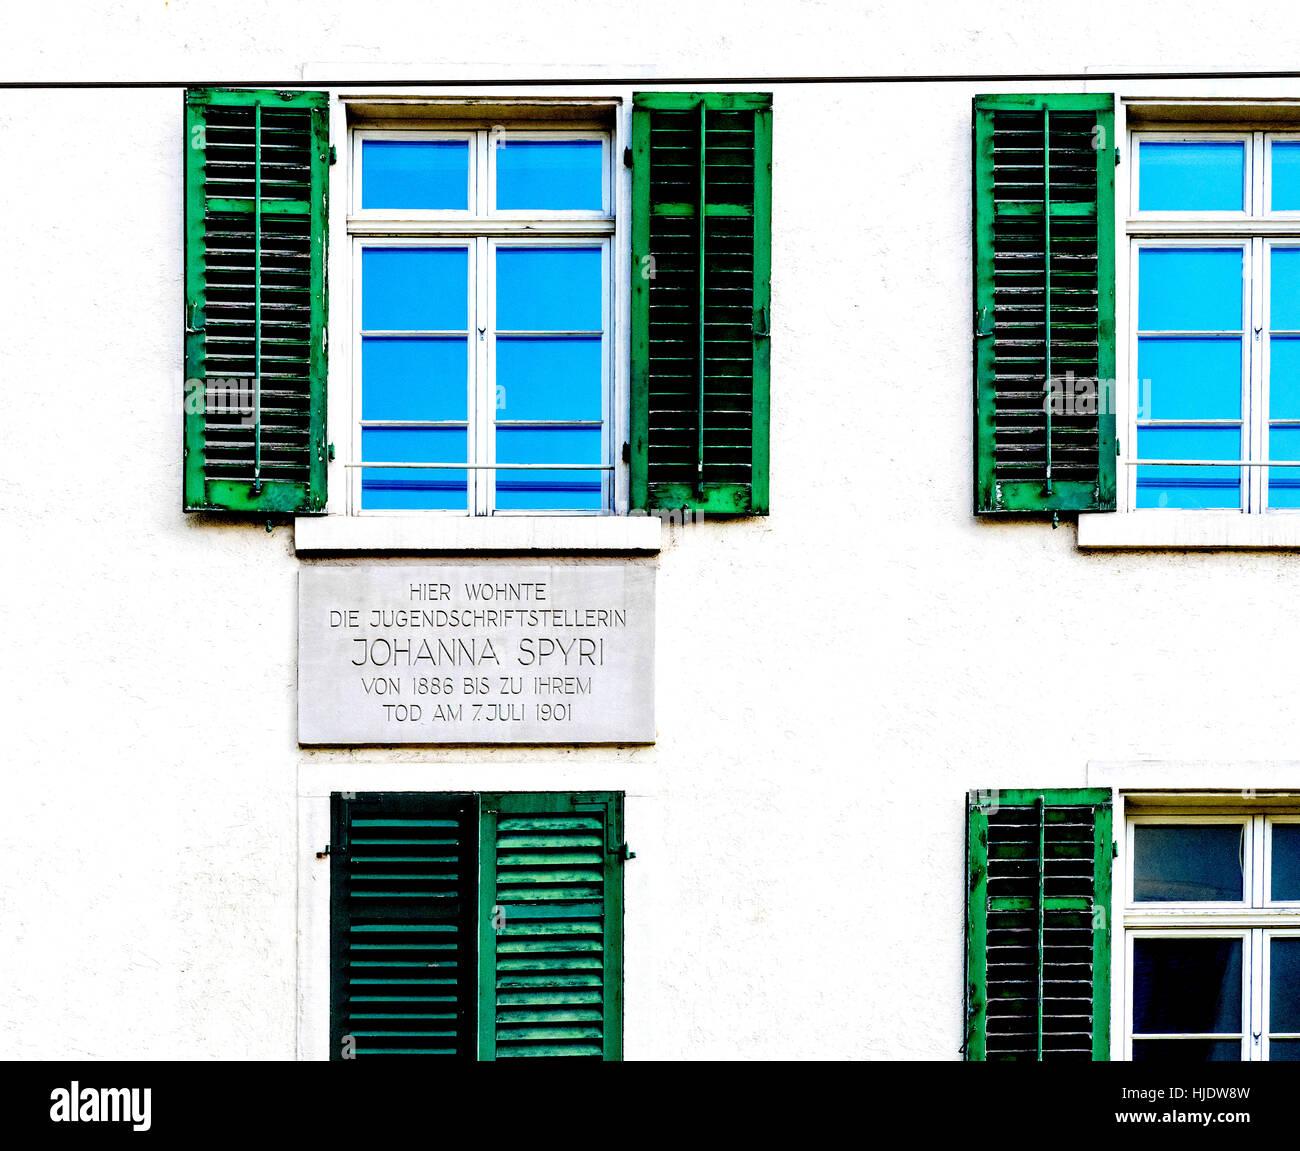 Last home of Johanna Spyri, author of Heidi; Zuerich, Zeltweg; letzte Wohnung Johanna Spyri (Autorin von Heidi), - Stock Image